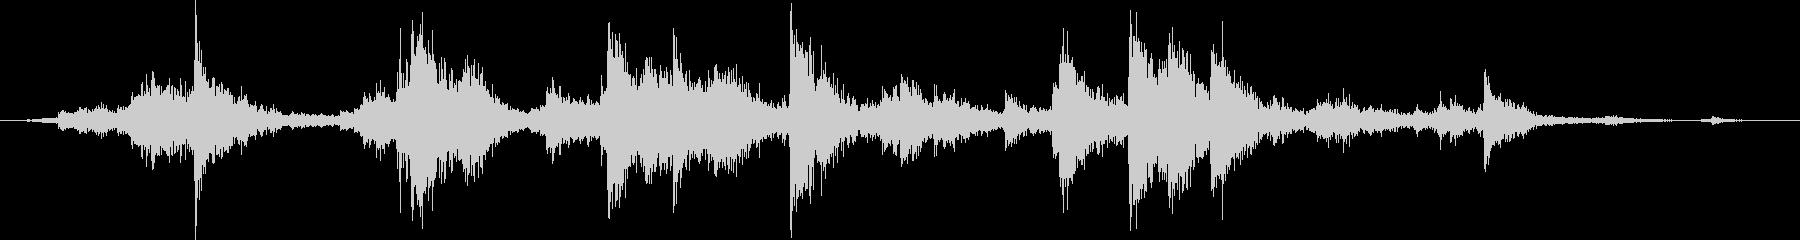 メタル クラッシュミディアム03の未再生の波形